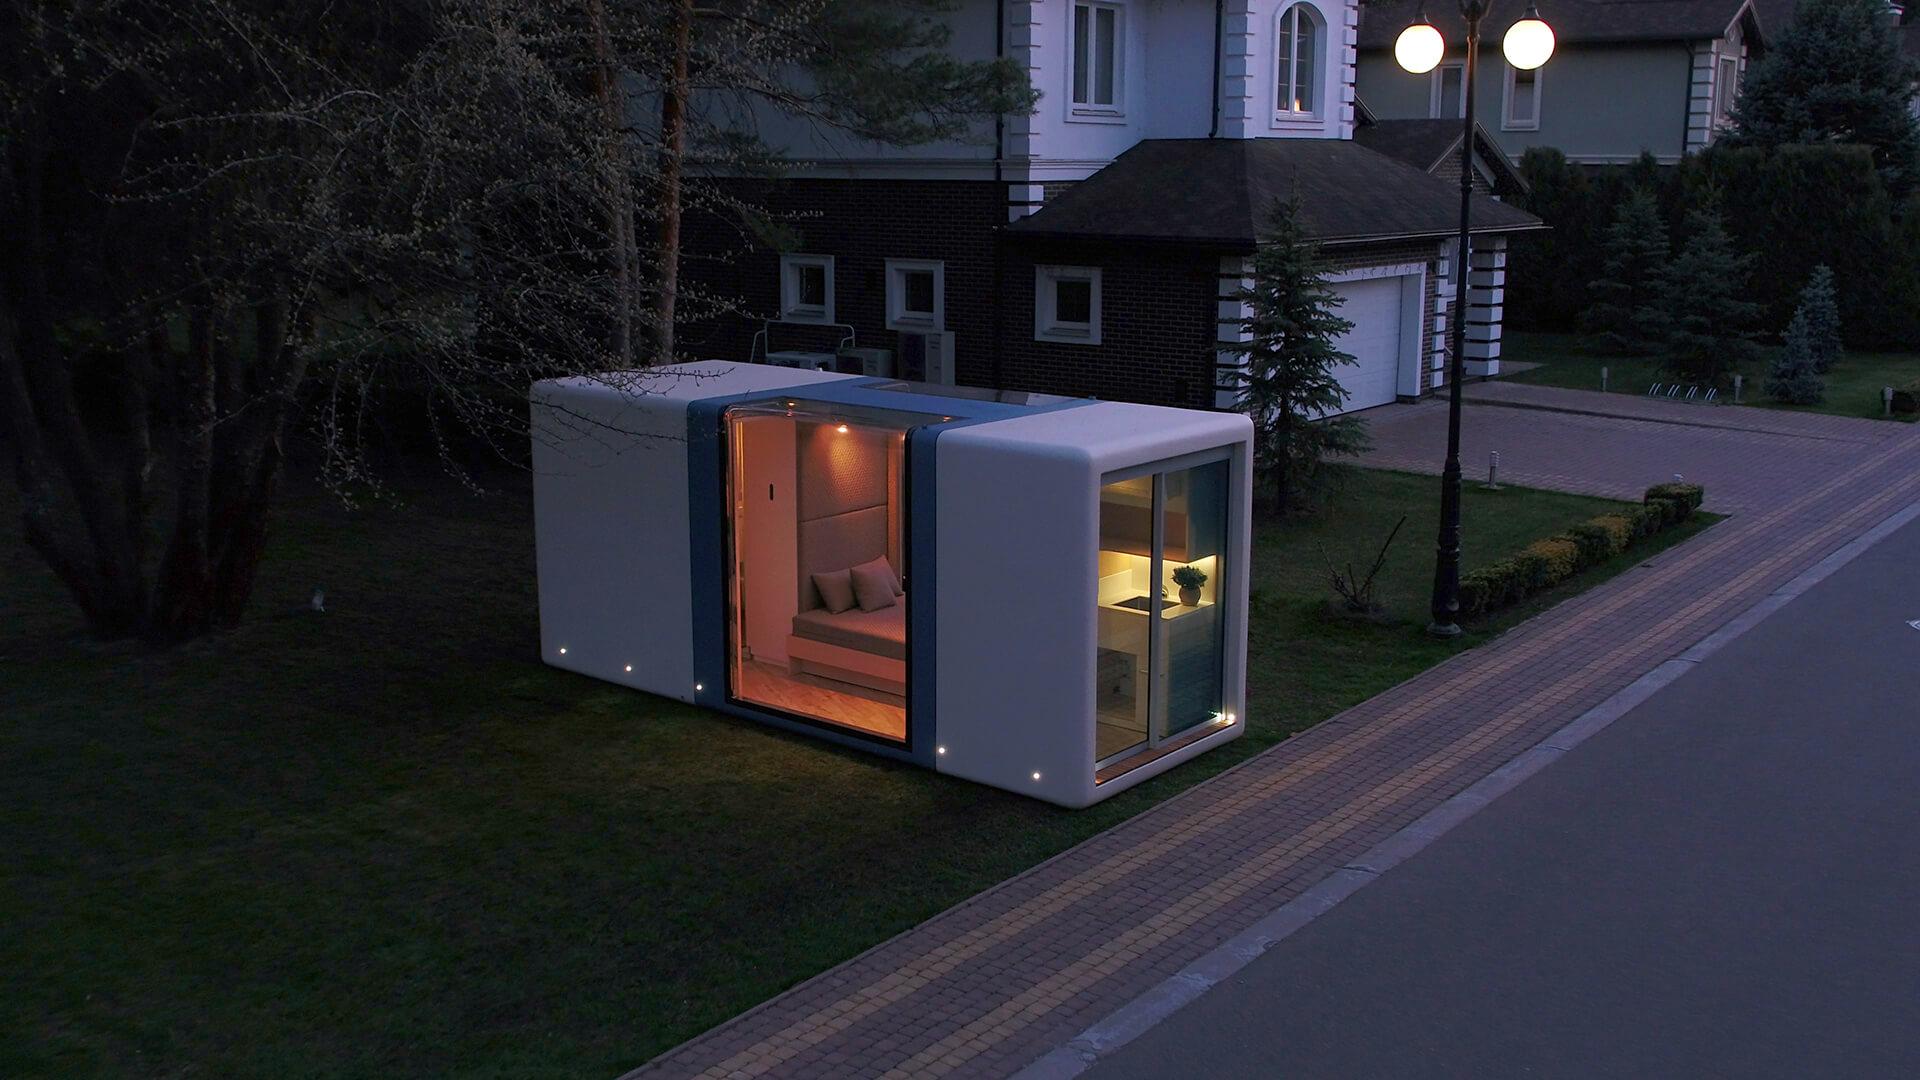 Può essere utilizzata come casa o spazio di lavoro